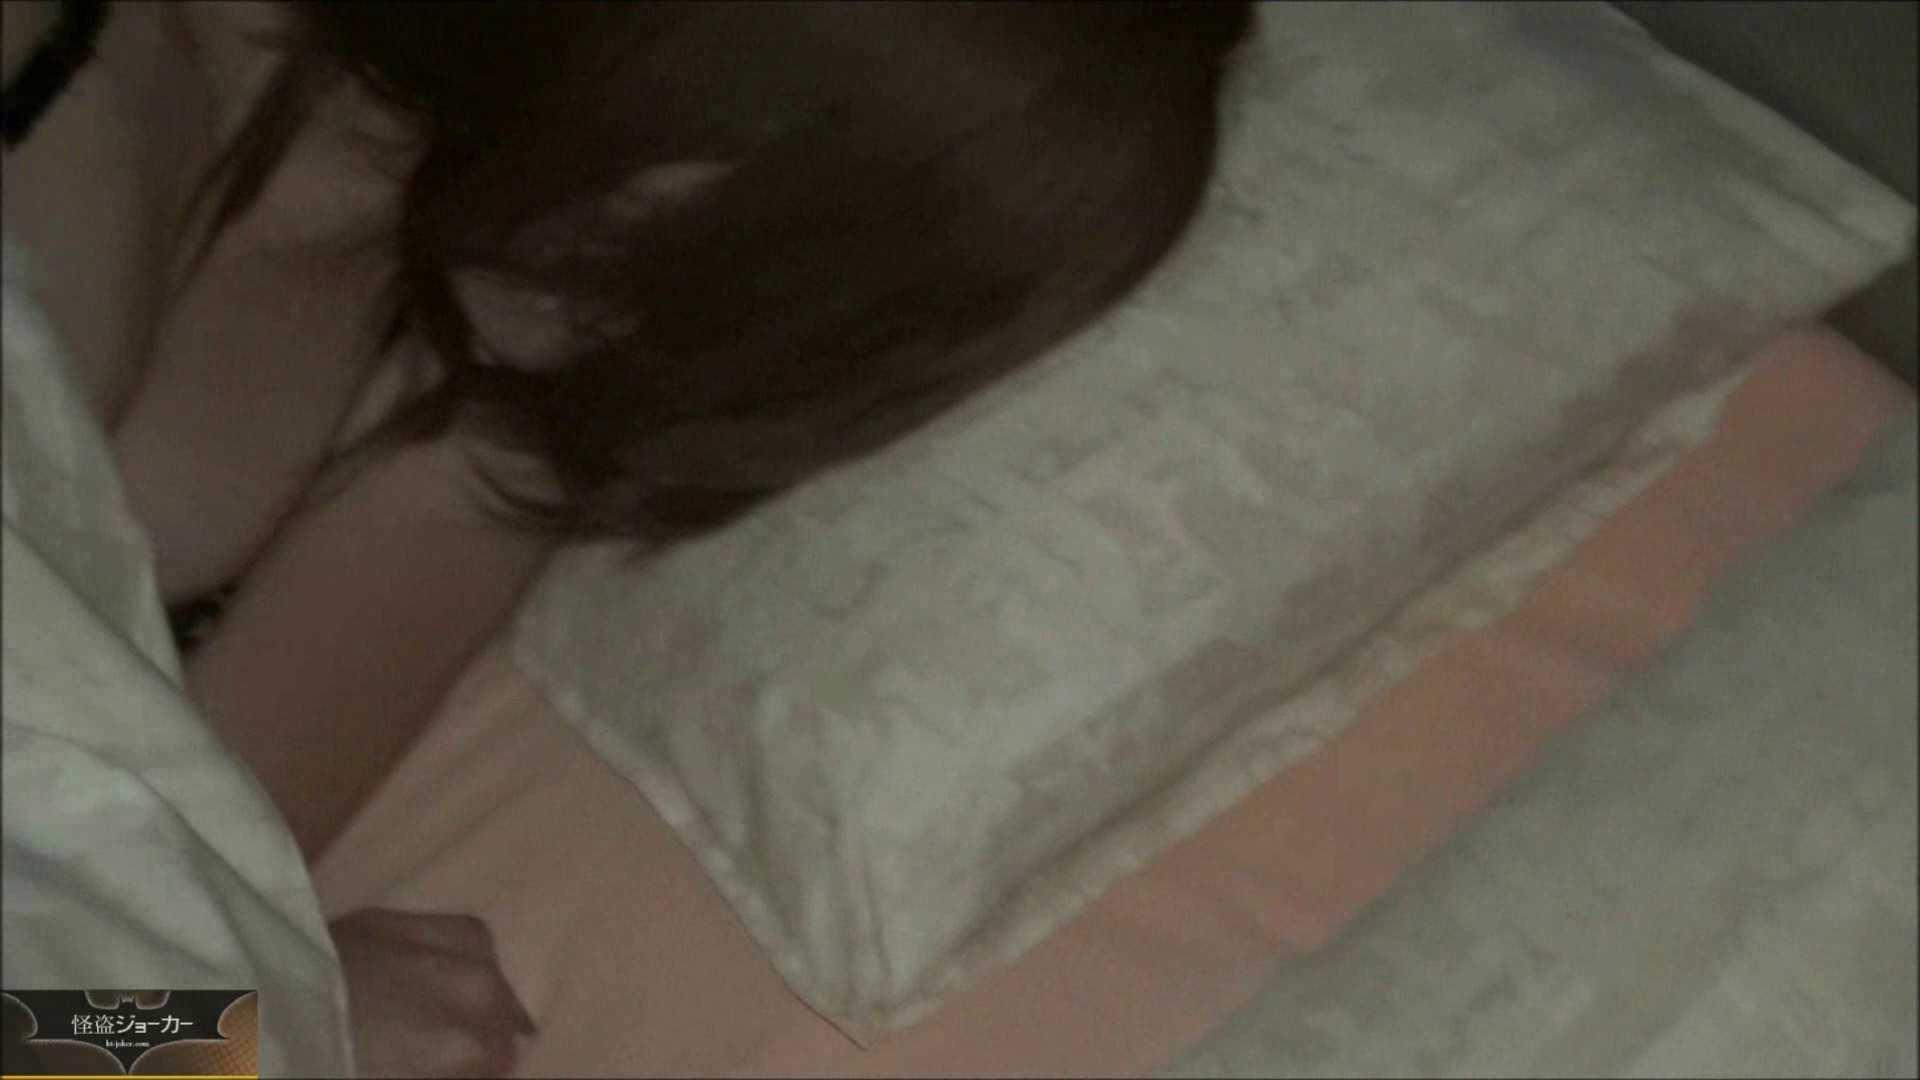 【未公開】vol.72 {西野カナ似の美系大学生}Y・Iちゃん③ 高画質  103PIX 76